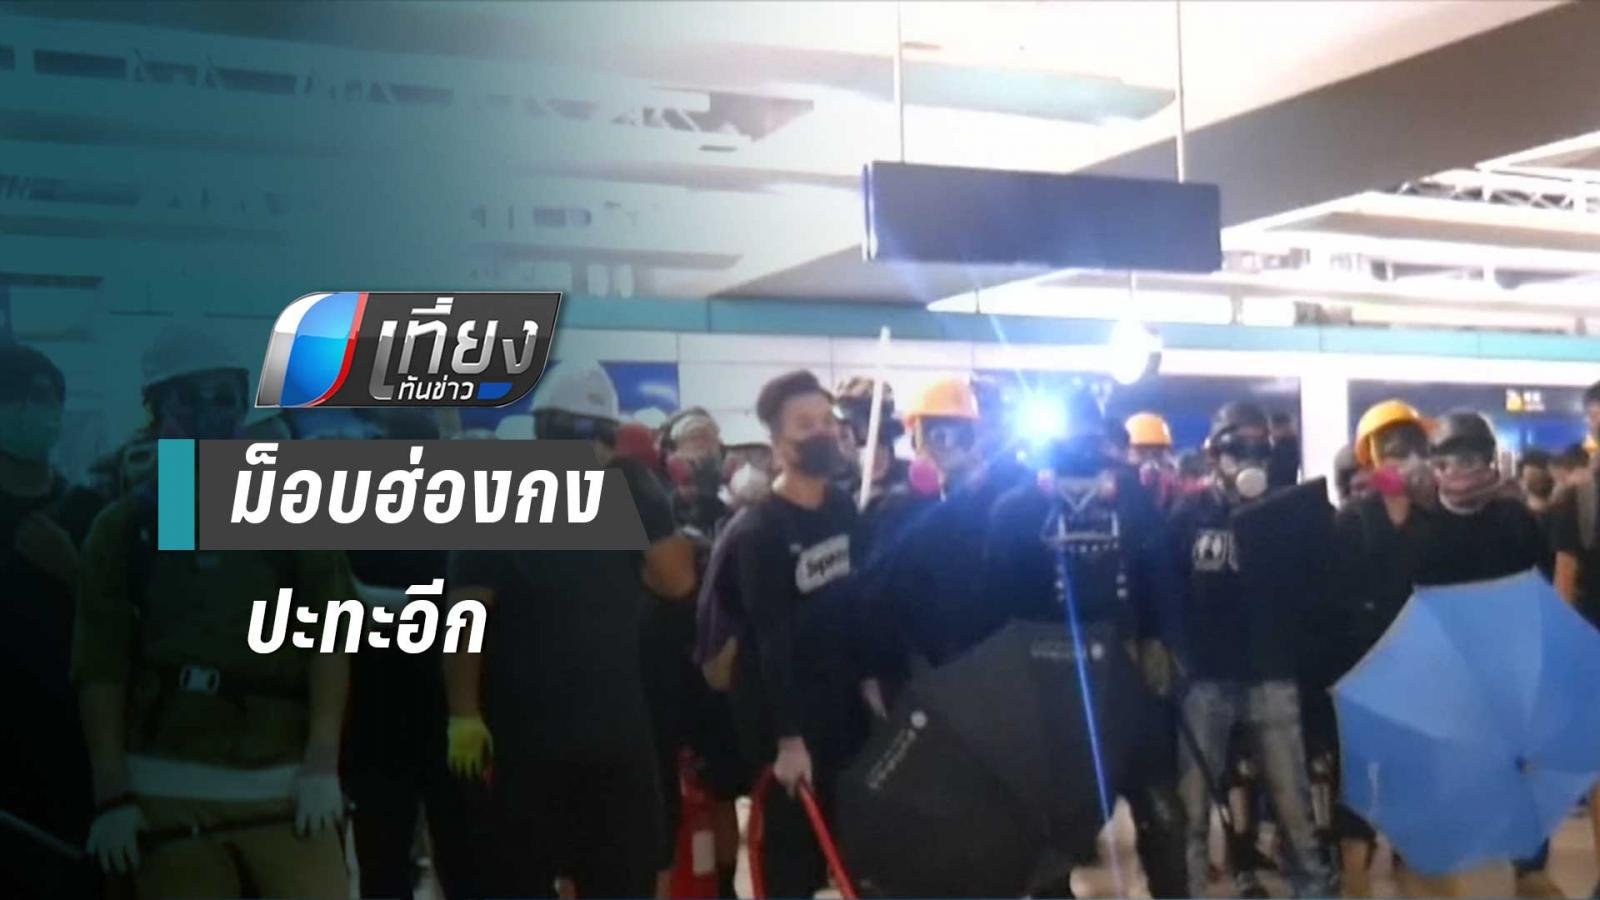 ม็อบฮ่องกง ปะทะเจ้าหน้าที่อีกครั้ง หลังบุกสถานีรถไฟใต้ดิน